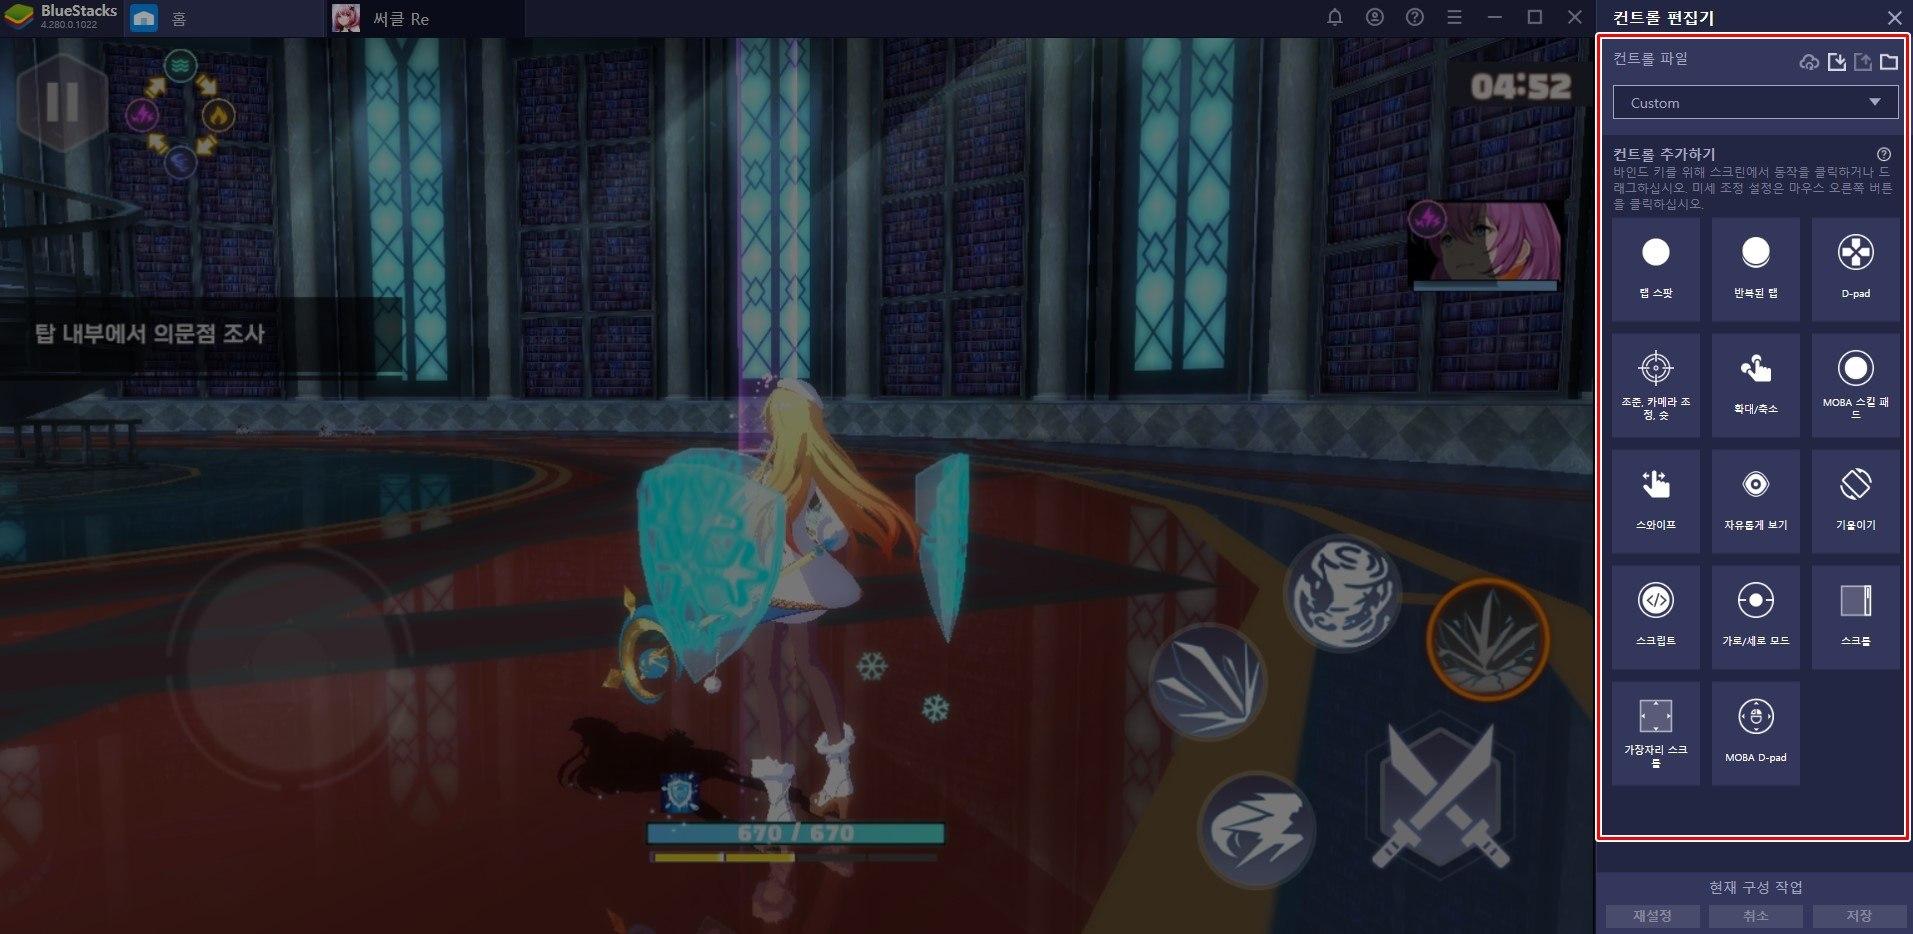 써클 Re: 홍월침식 정식 서비스 시작, 액션 RPG의 재미를 PC에서 느껴봐요!